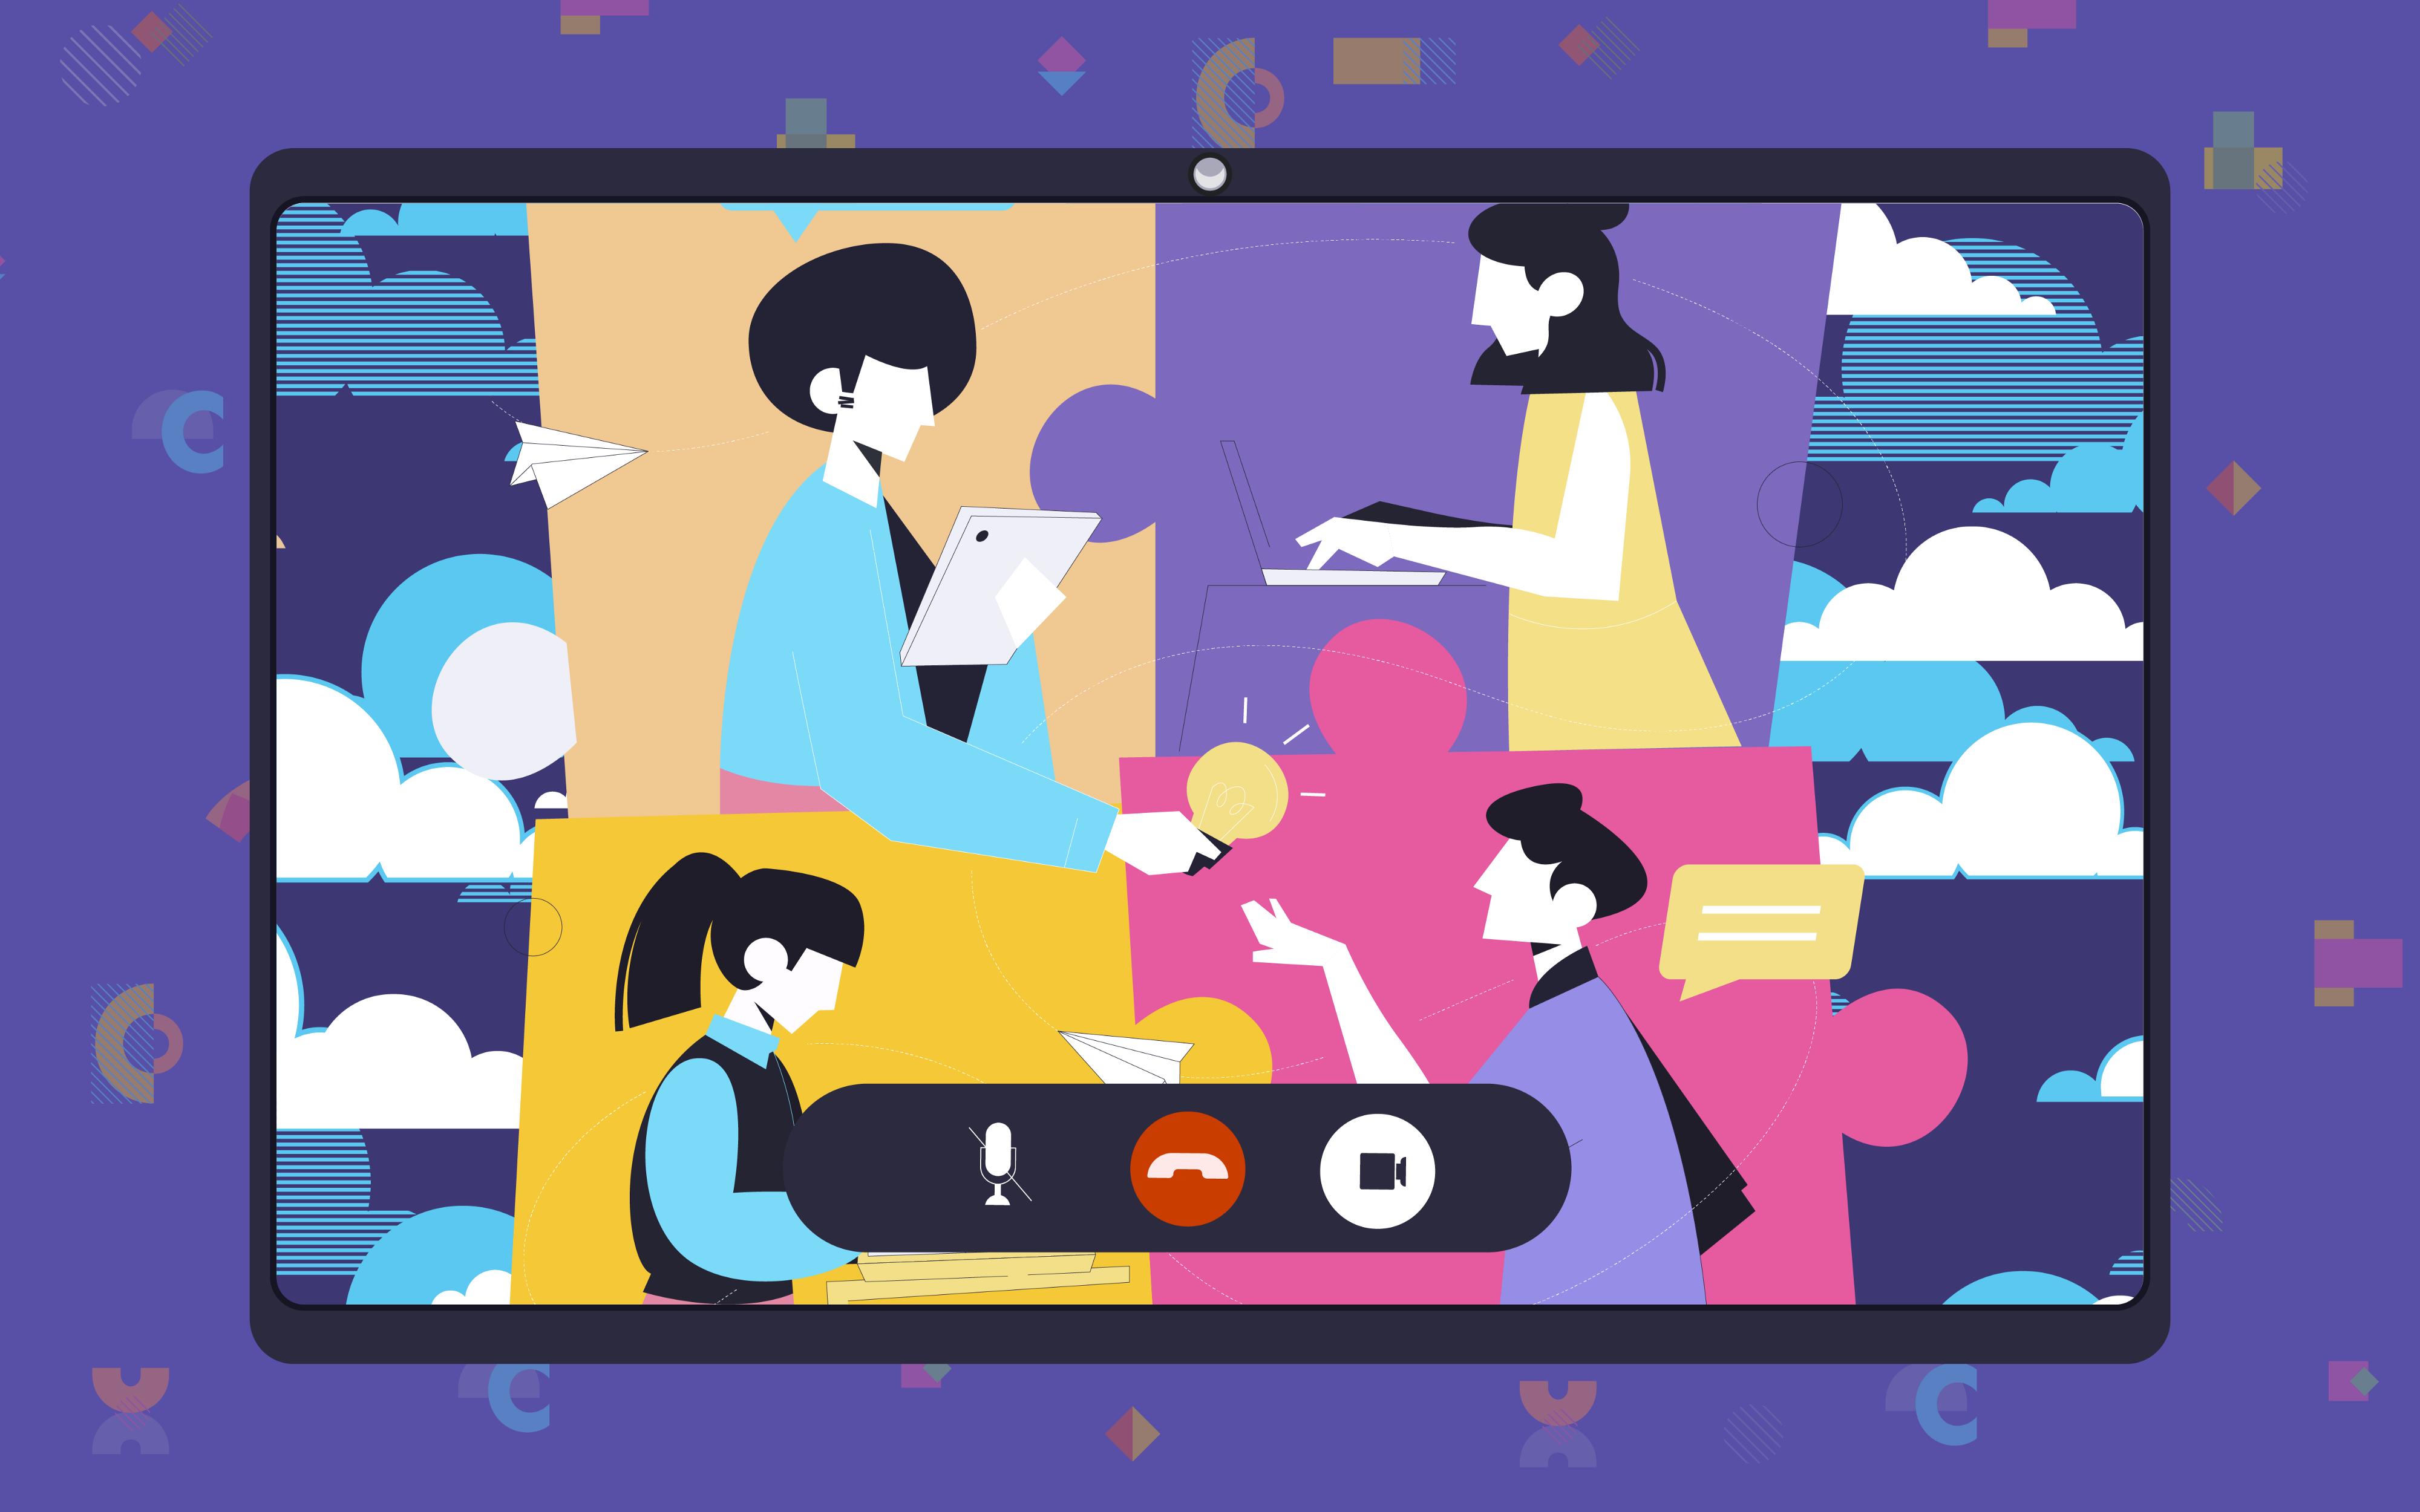 線上下午茶Team Building活動所營造的氣氛讓彼此分享過程更輕鬆